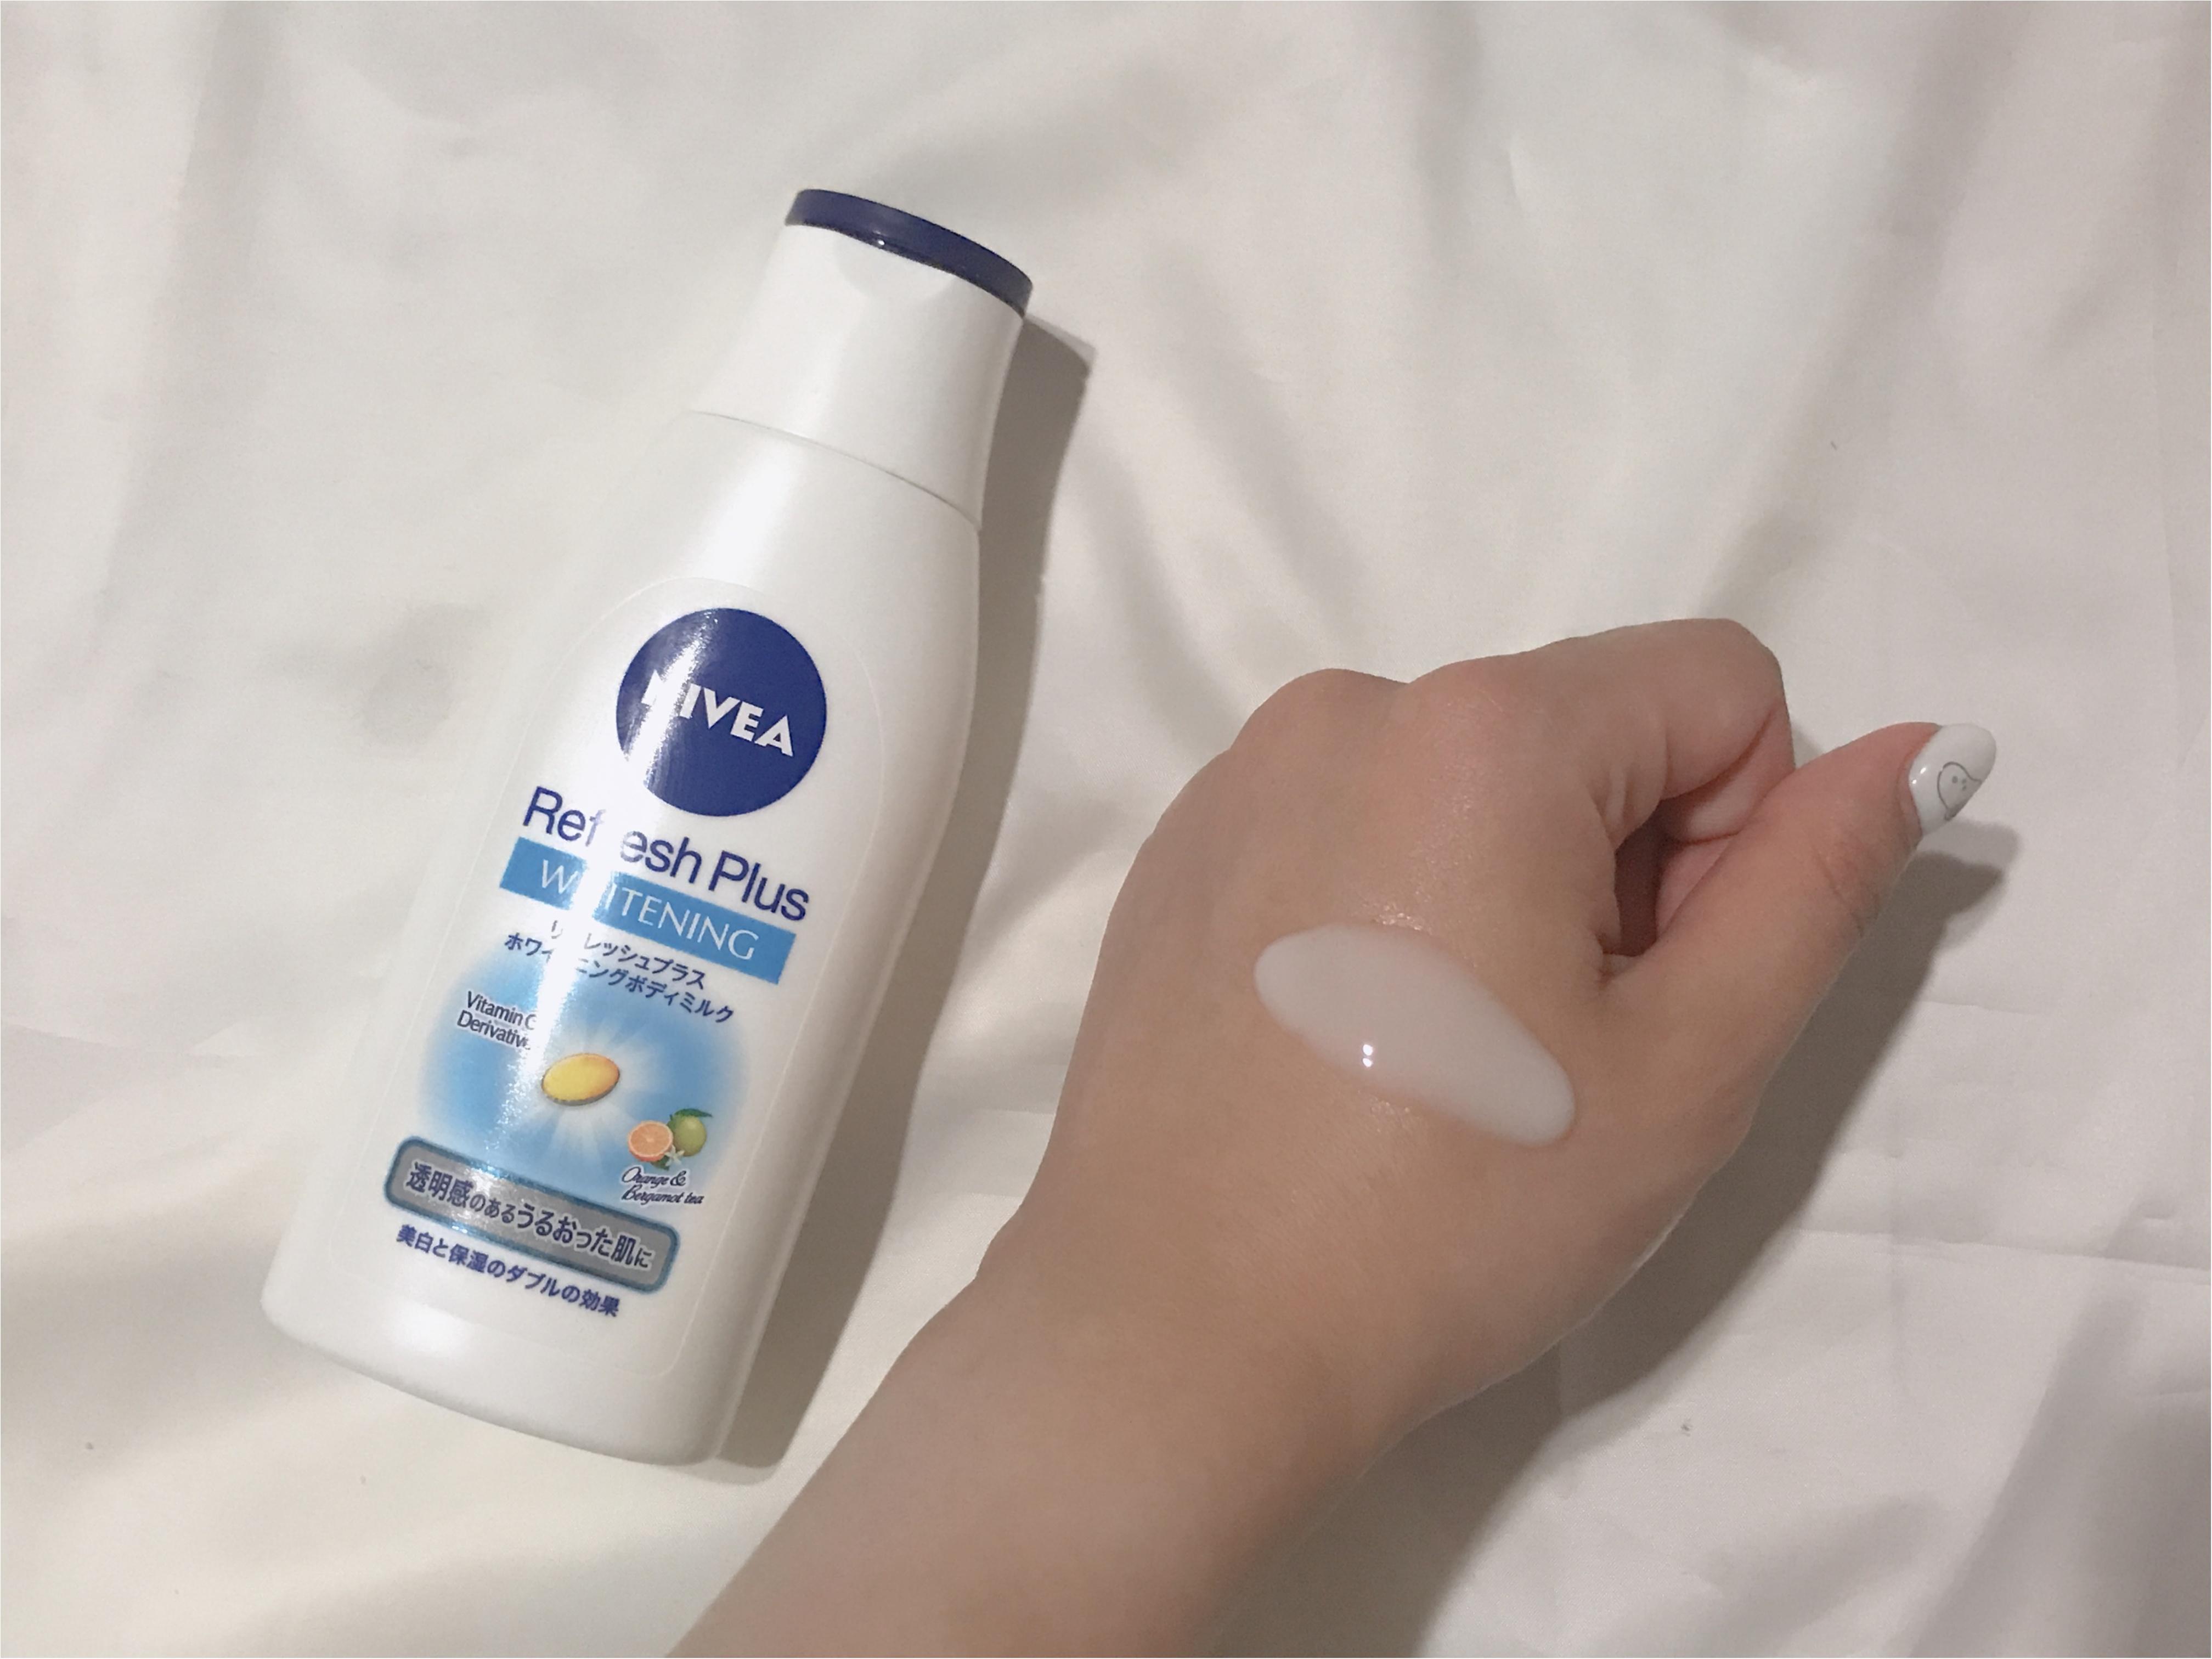 美白化粧品特集 - シミやくすみ対策・肌の透明感アップが期待できるコスメは?_47